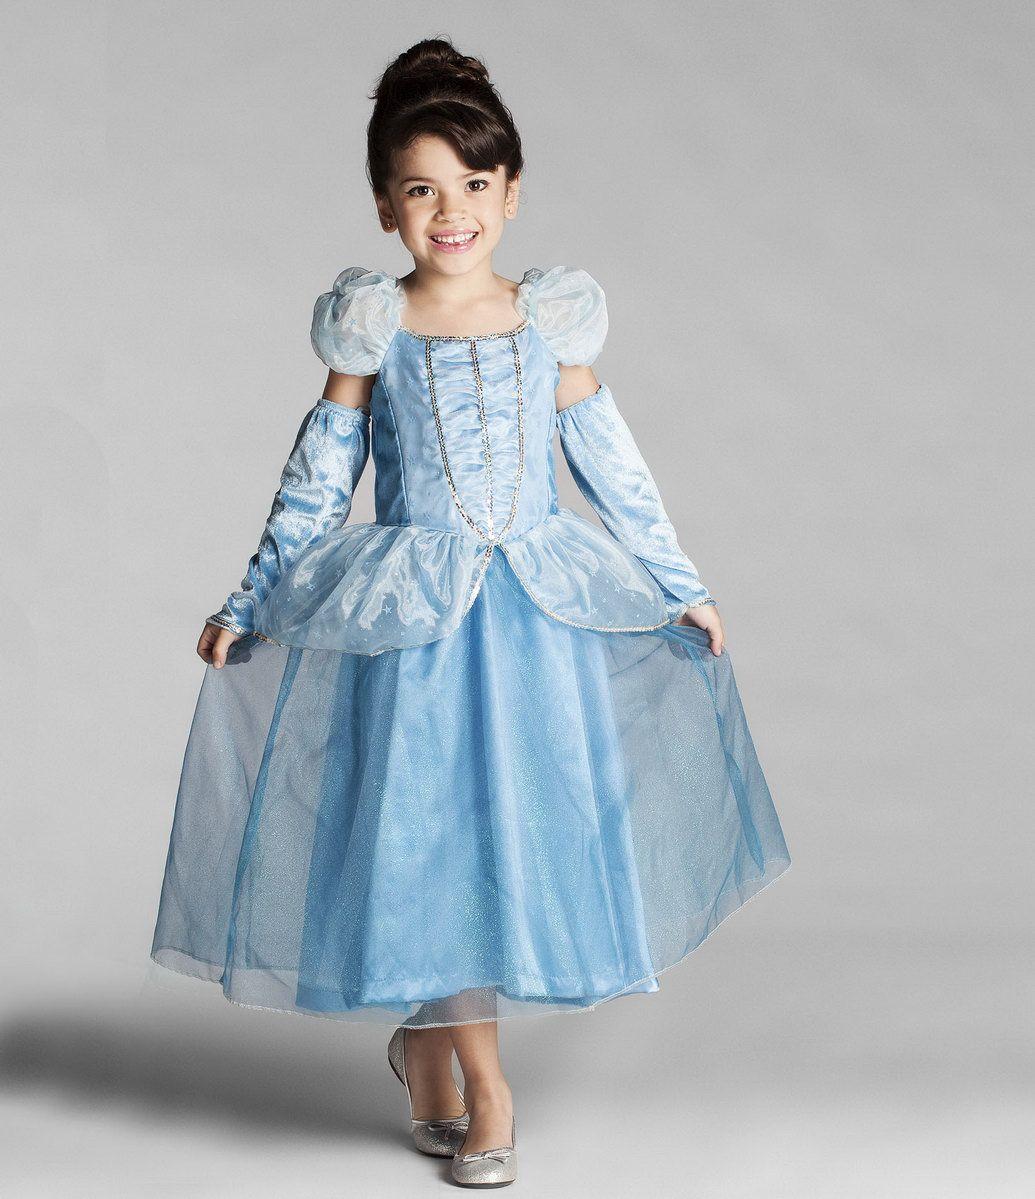 131ce1afad711a Fantasia Infantil Vestido Princesa Cinderela com Luvas - Tam 2 a 10 ...